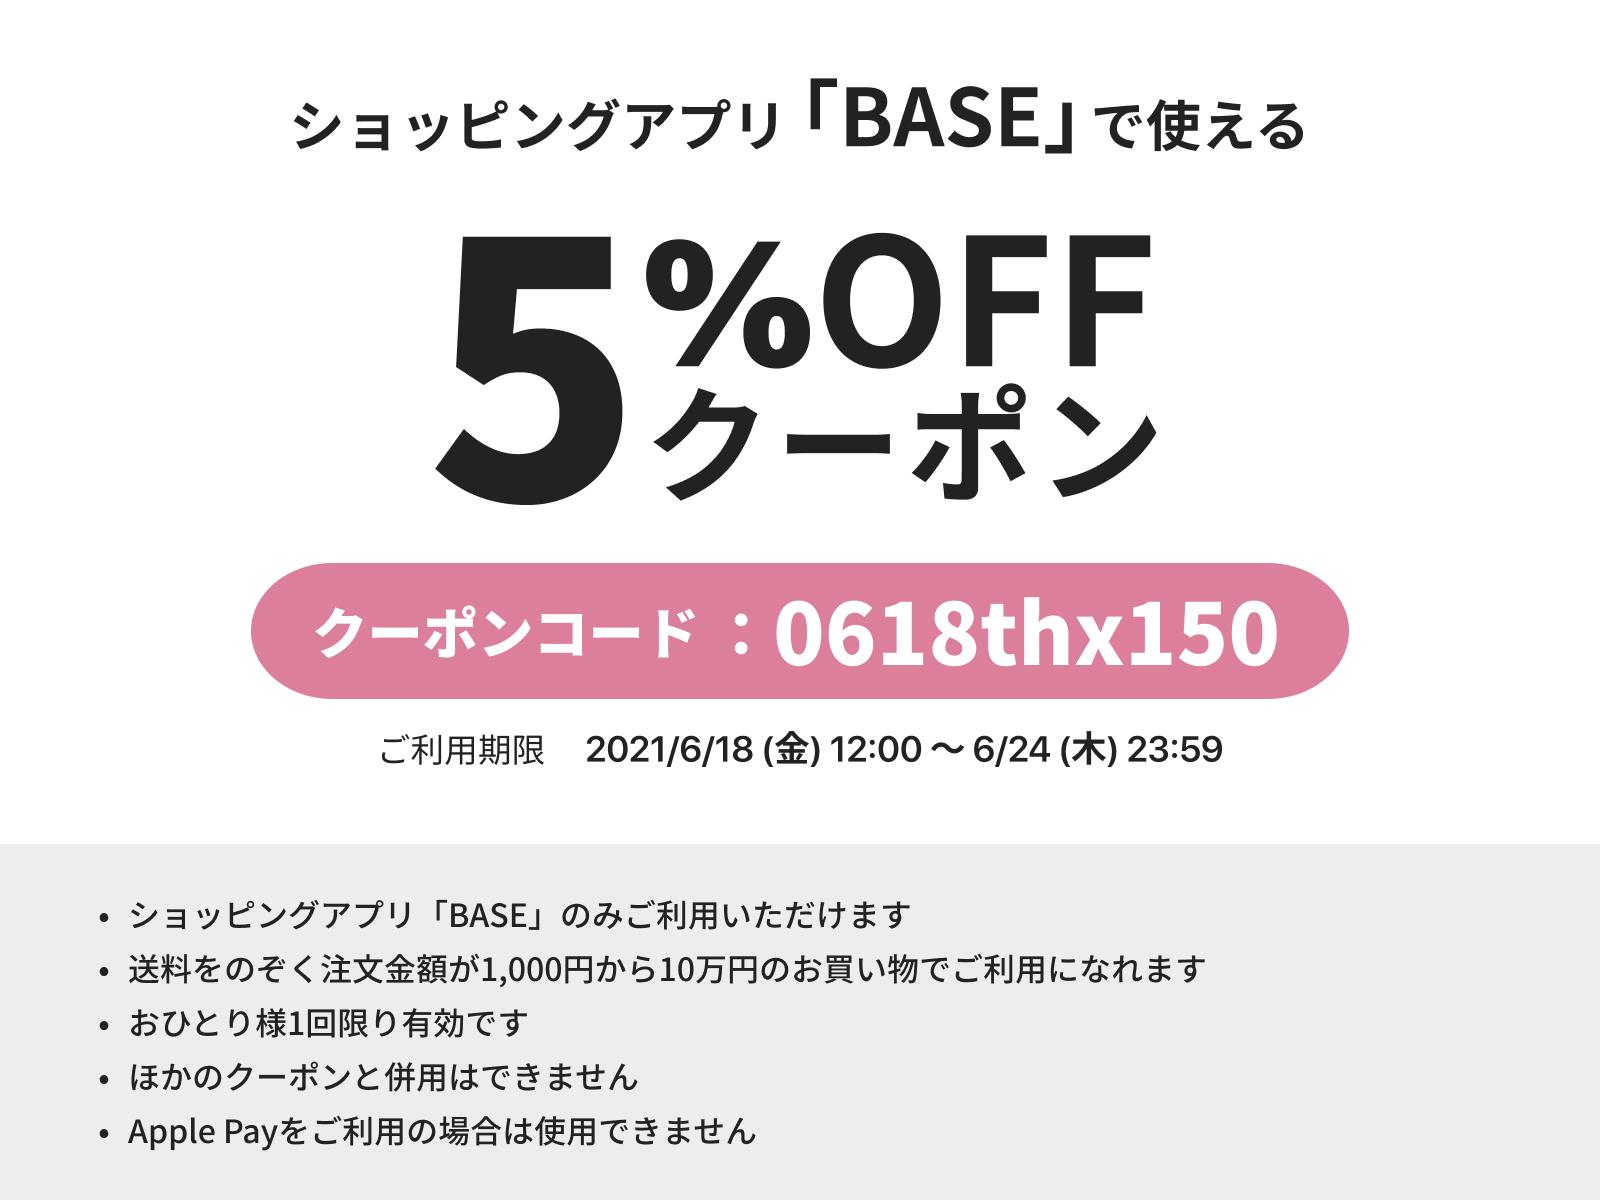 BASE 5%OFFクーポン6月18日から6月24日までご利用いただけます